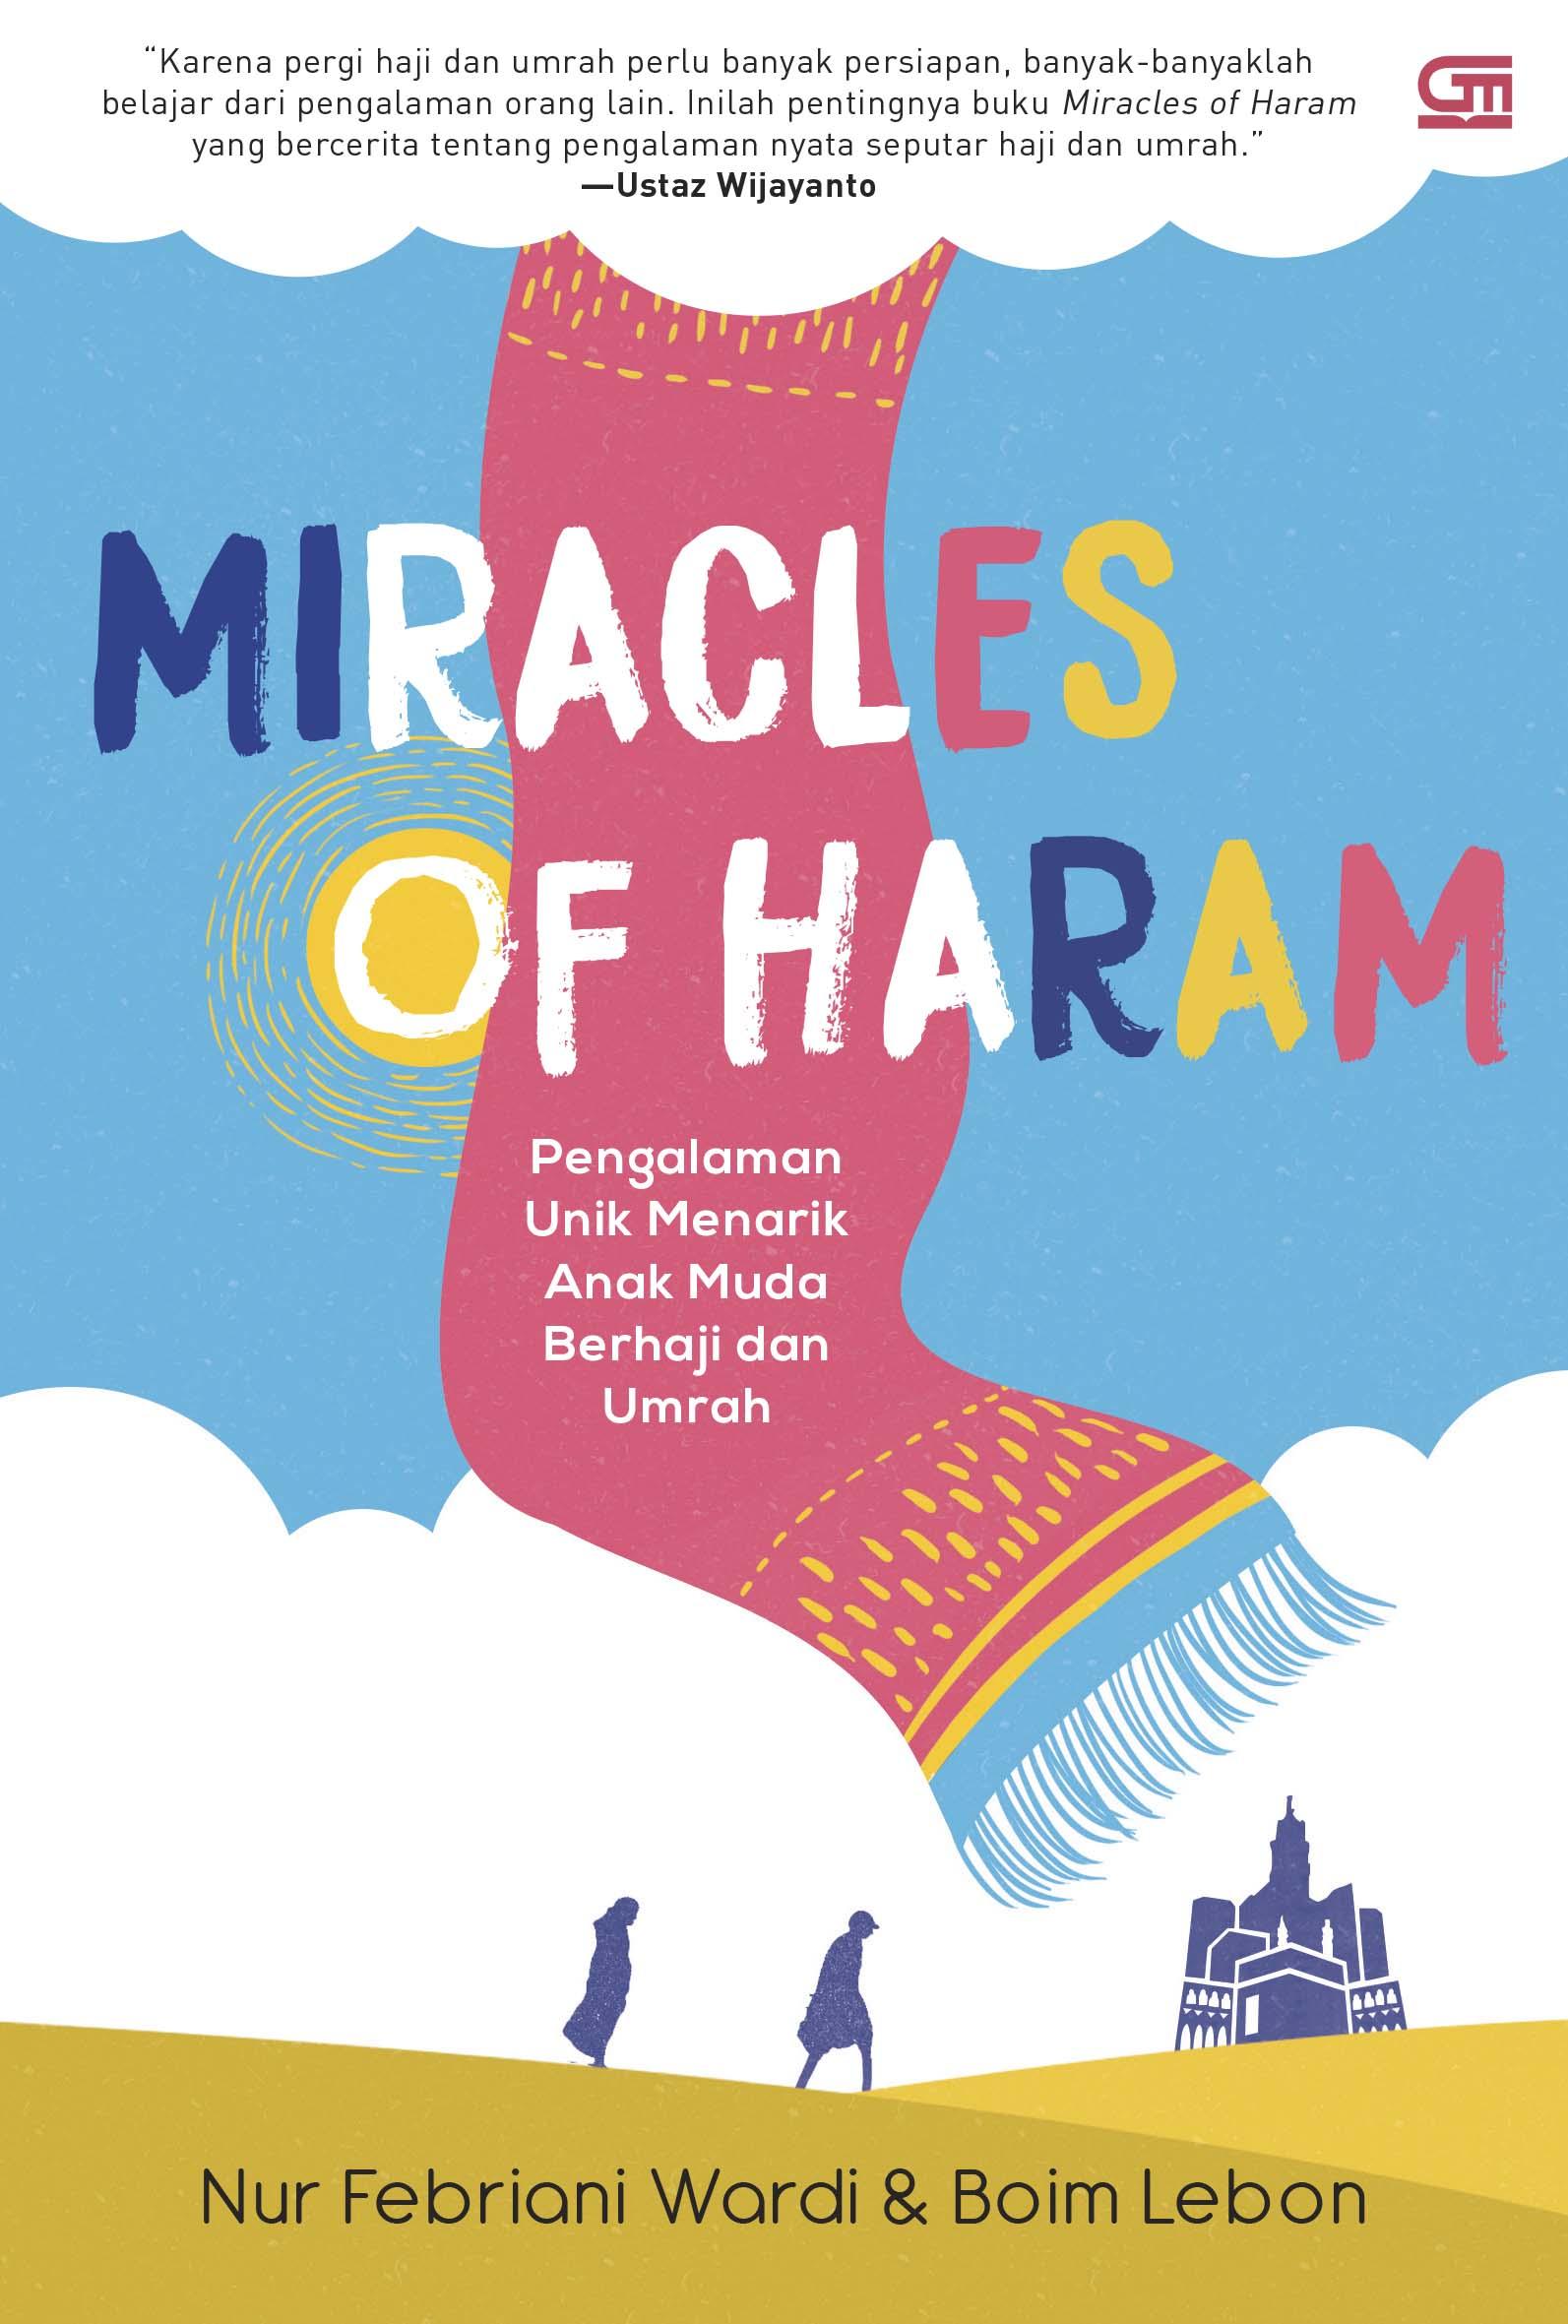 Miracles of Haram